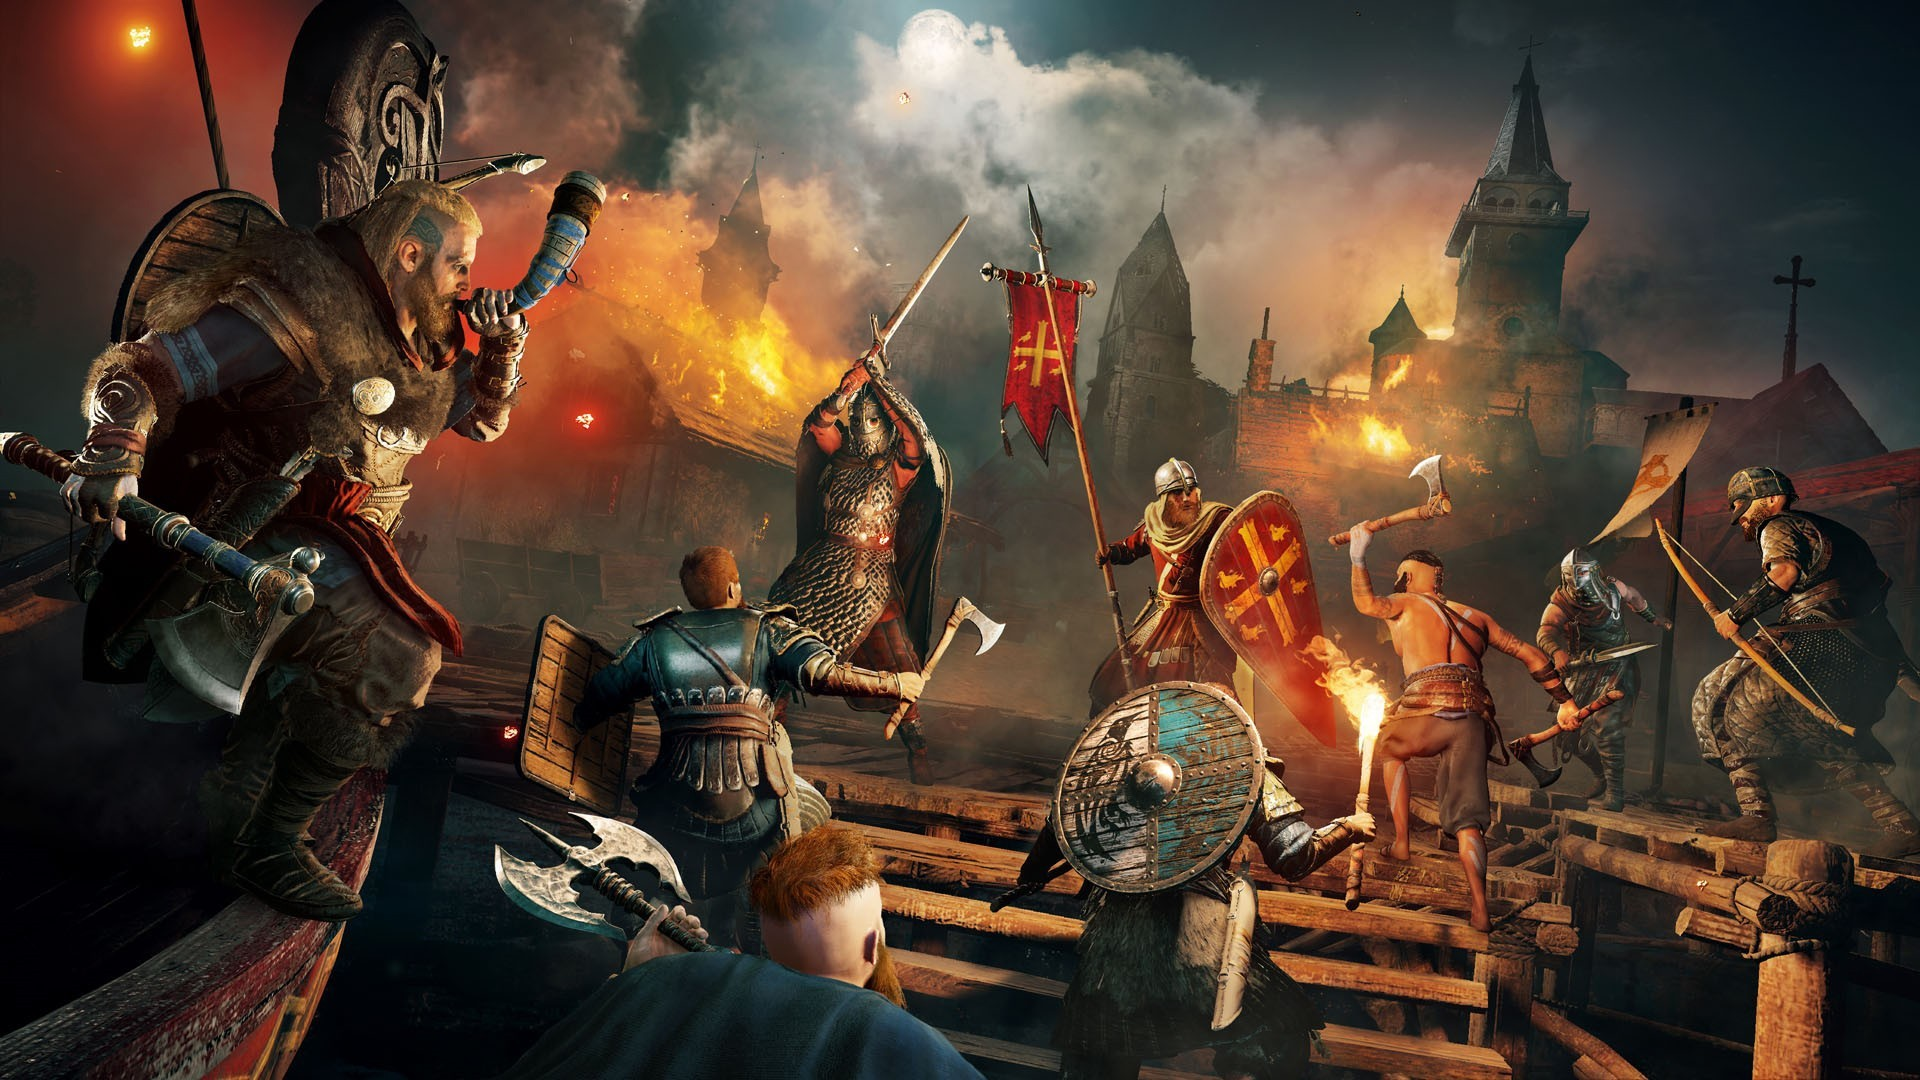 Assassins Creed Valhalla hd desktop wallpaper